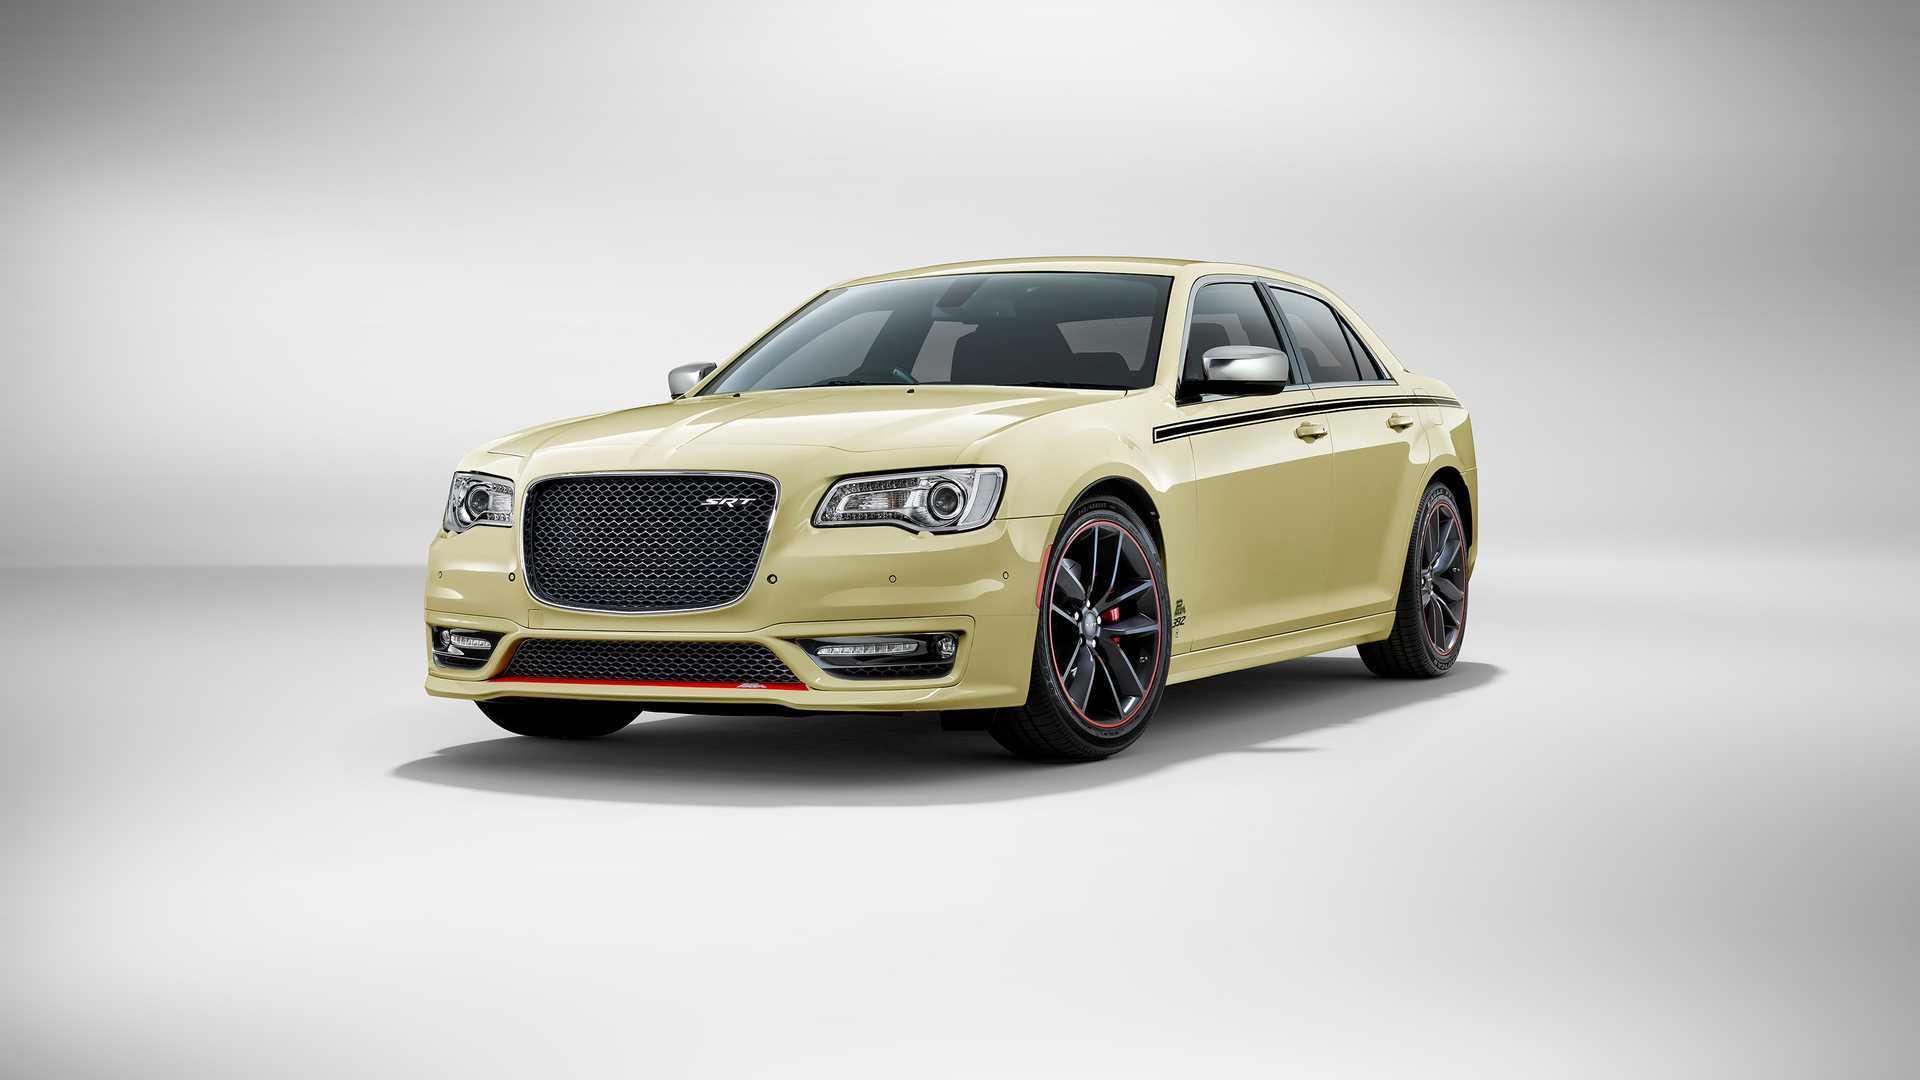 Chrysler убил 300 SRT в Австралии, чтобы утолить жажду Америки по производству двигателей V8